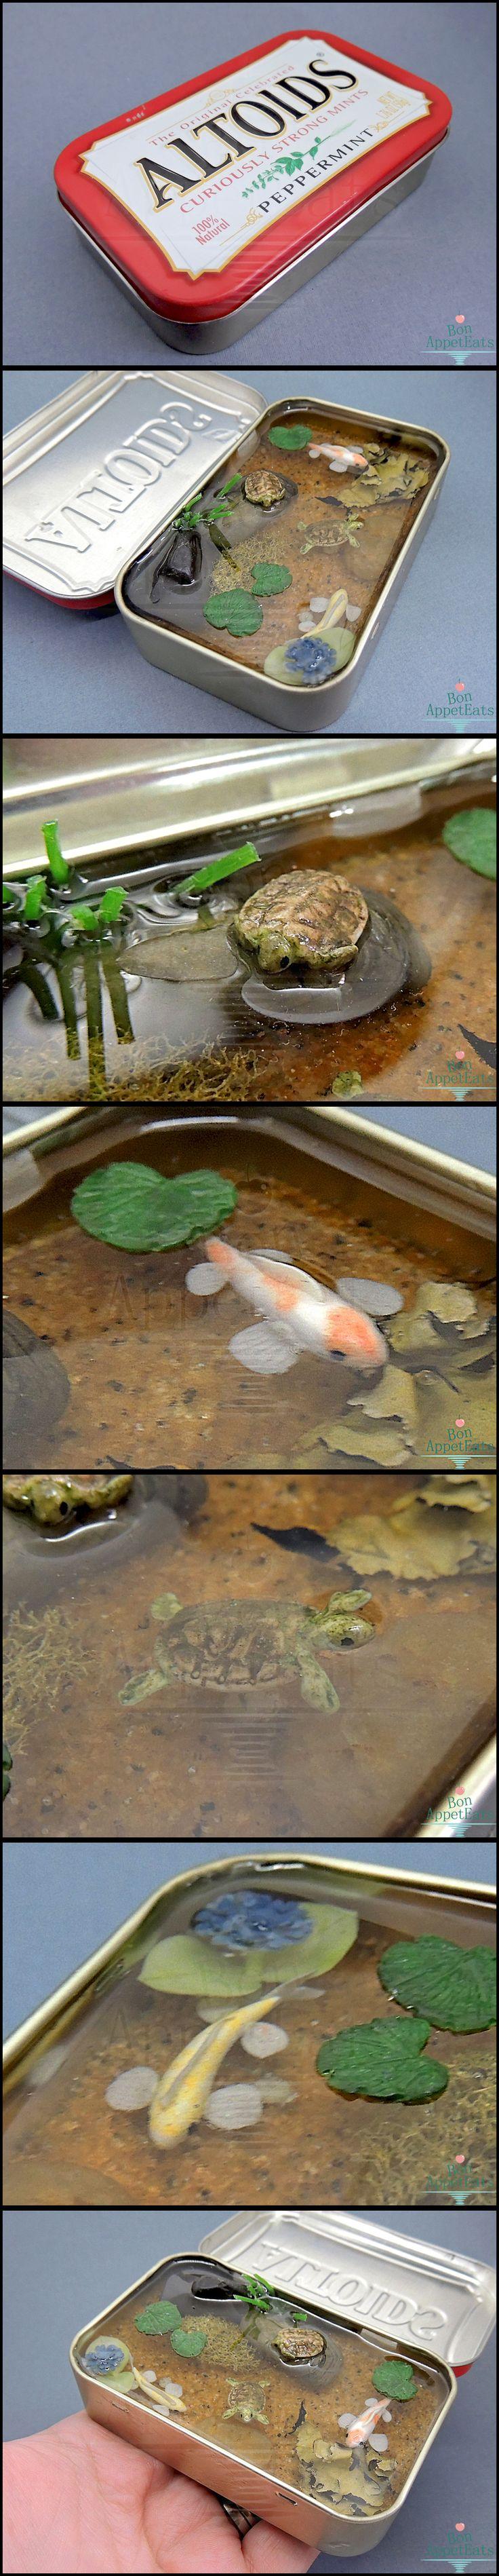 New Altoids Pond Listing on eBay tonight starting at 11pm Eastern: http://www.ebay.com/itm/271520841464?ssPageName=STRK:MESCX:IT&_trksid=p3984.m1554.l2649